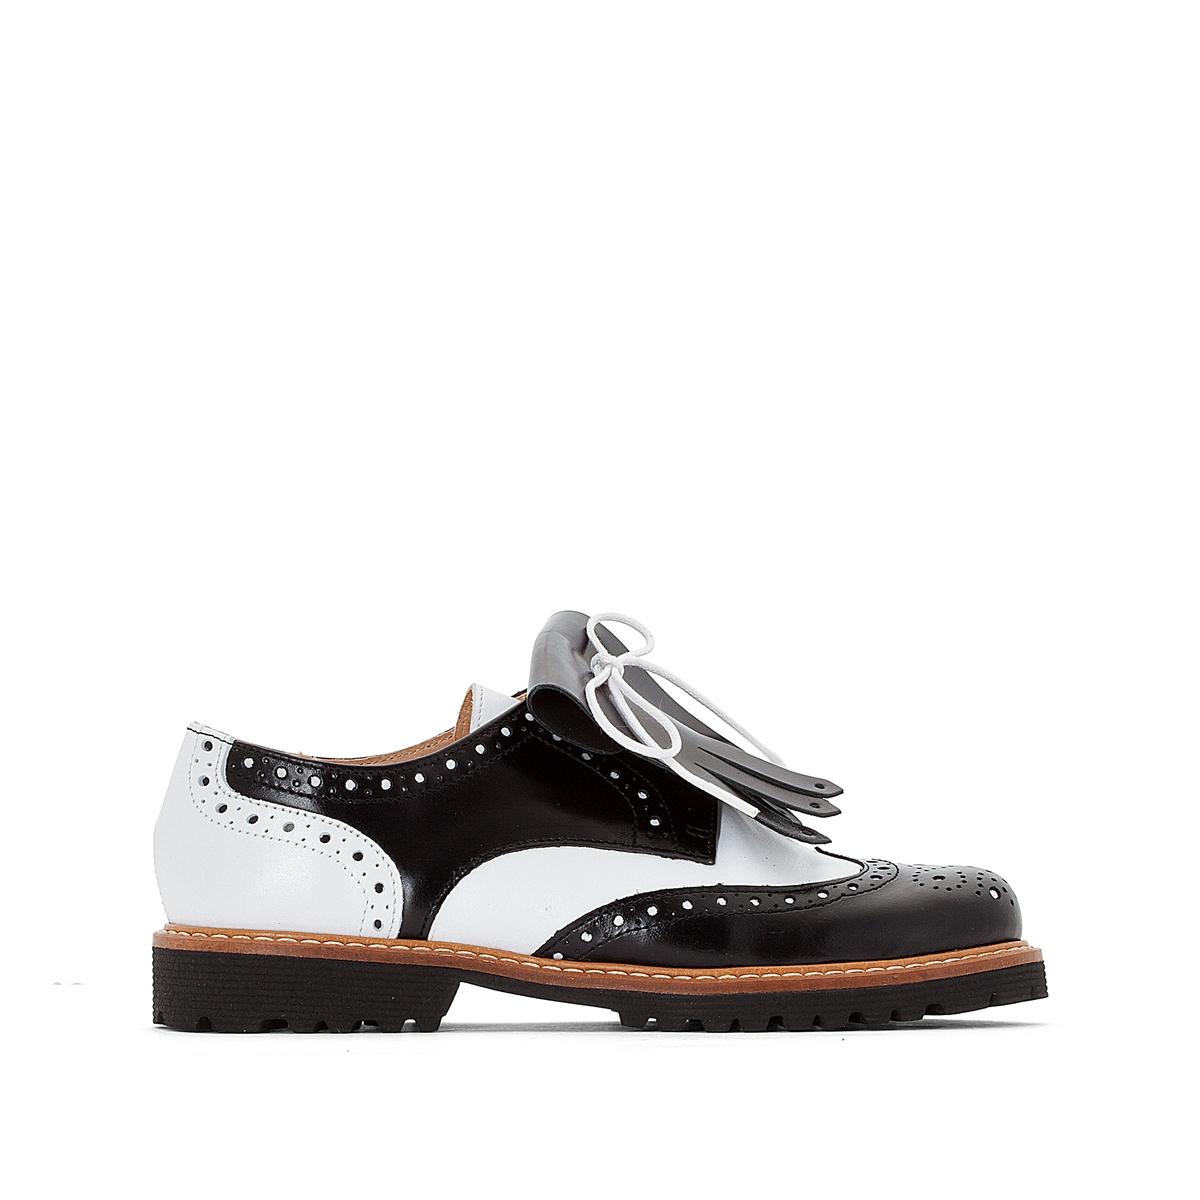 Дерби кожаные с бахромой AustralВерх : Кожа   Подкладка : Кожа   Стелька : Кожа   Подошва : эластомер   Форма каблука : плоский каблук   Носок : закругленный   Застежка : шнуровка<br><br>Цвет: черный/ белый<br>Размер: 37